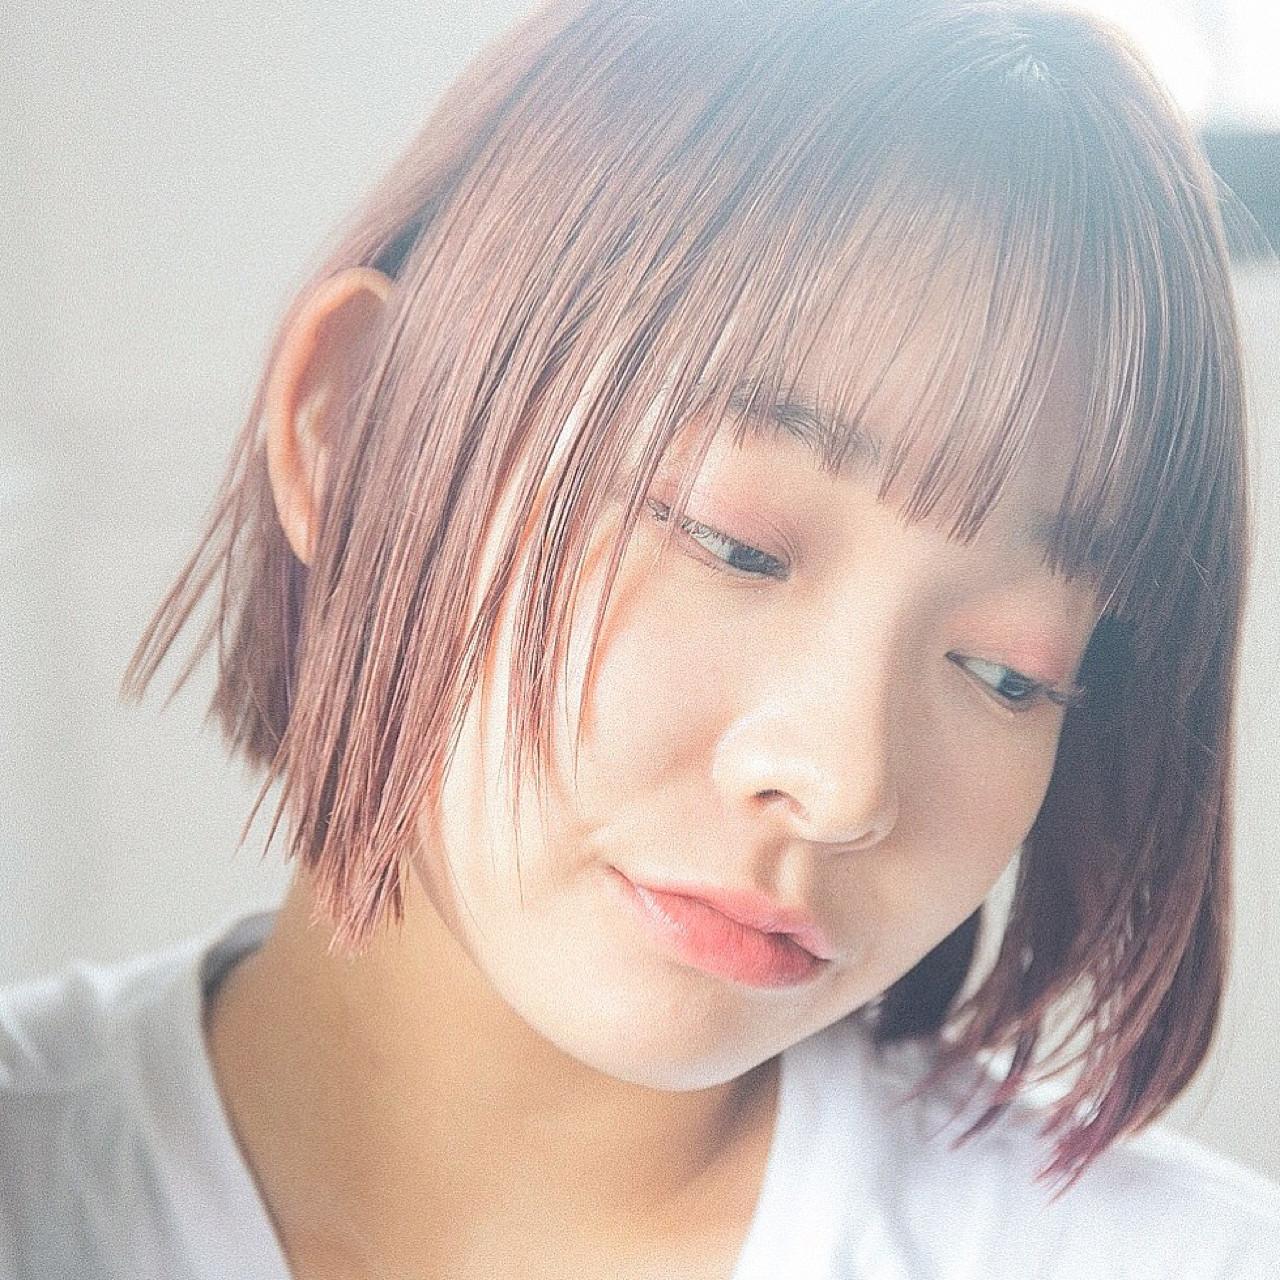 前髪あり ヘアアレンジ 抜け感 夏 ヘアスタイルや髪型の写真・画像